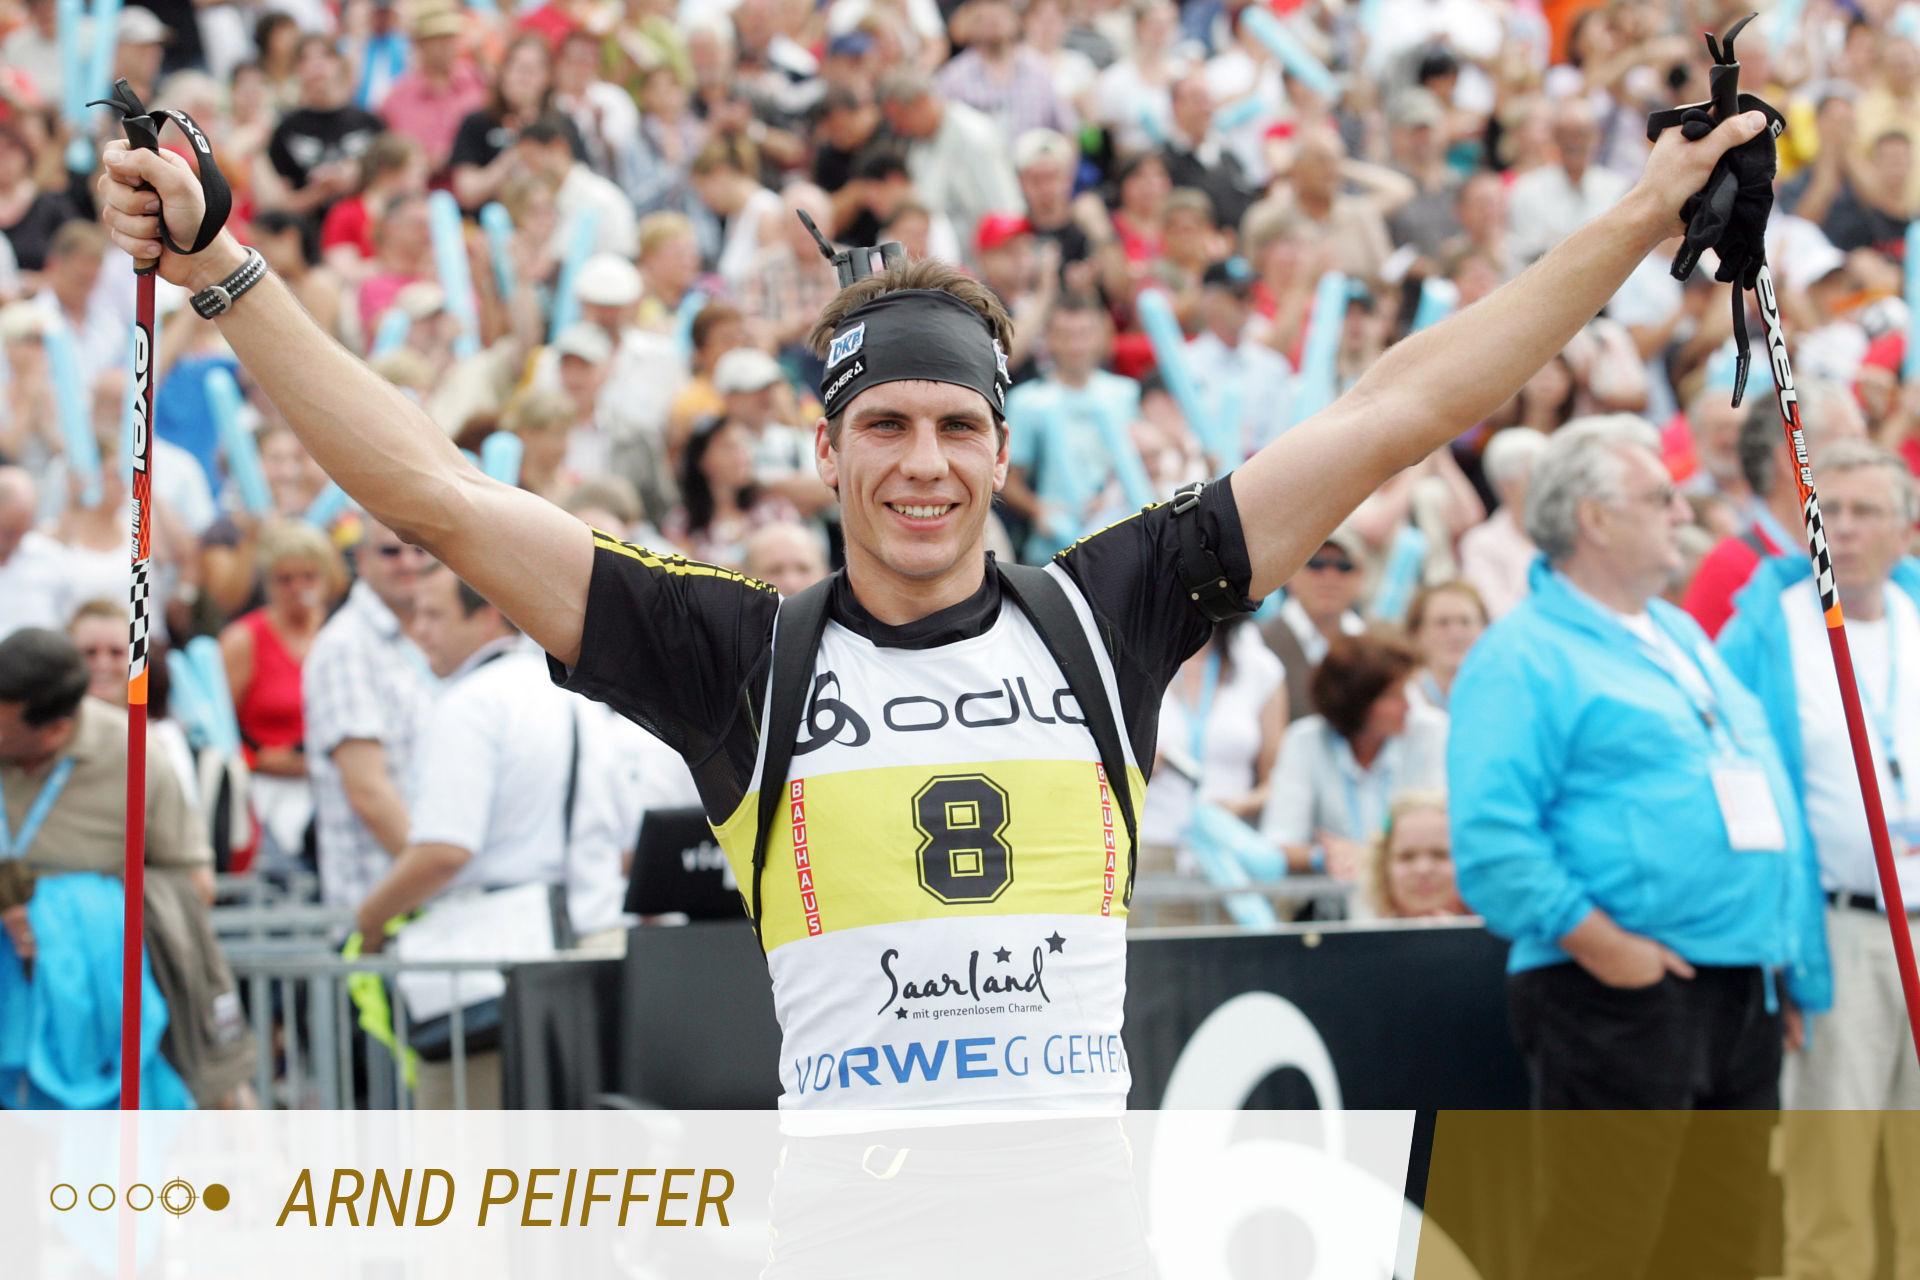 Athleten_Historie_ArndPeiffer